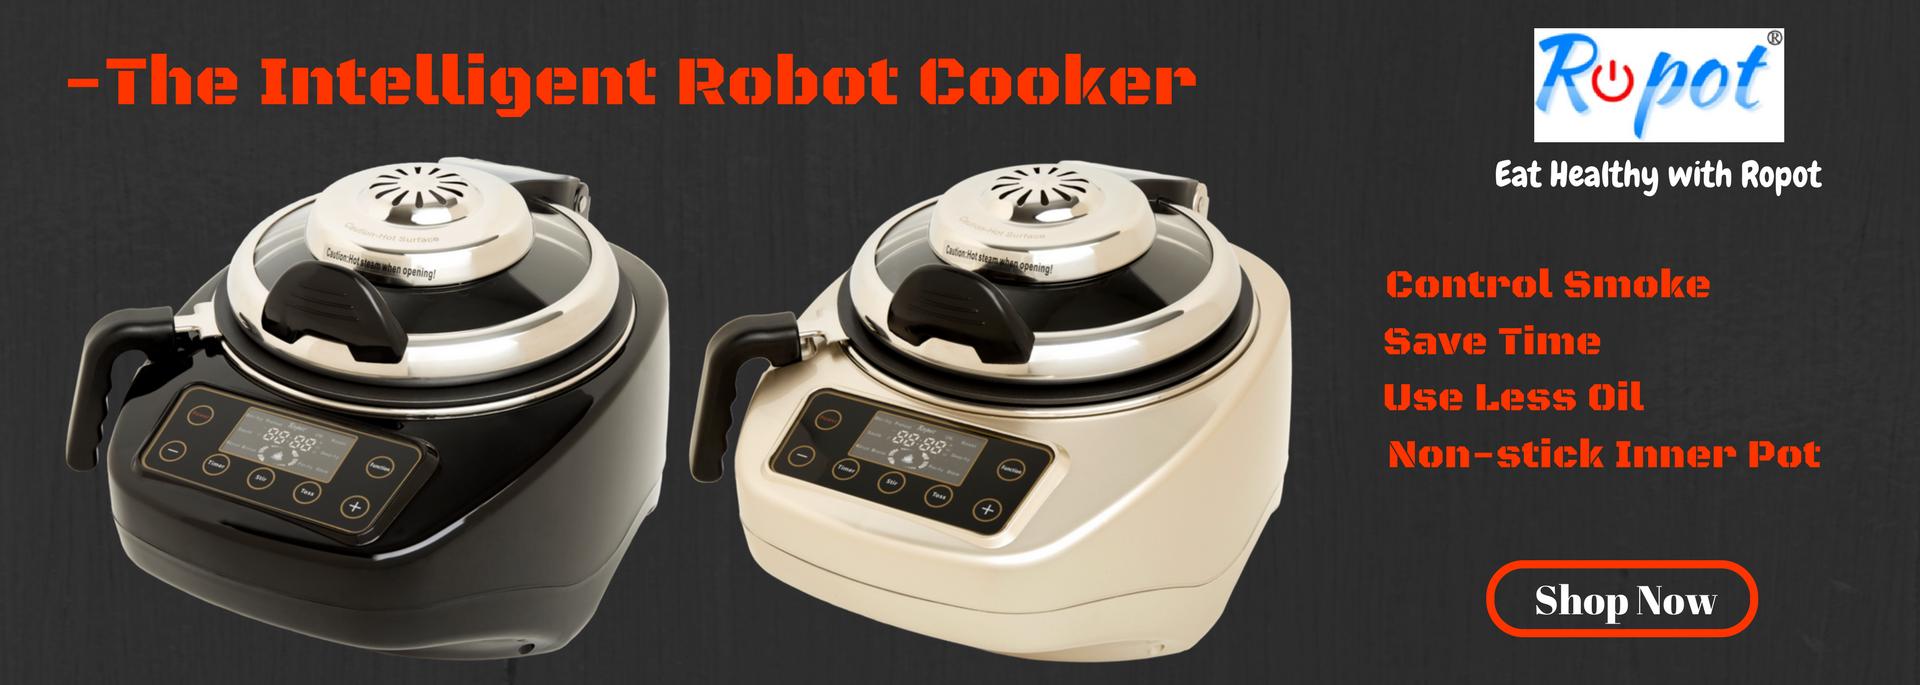 Ropot Cooker | WhiteStone